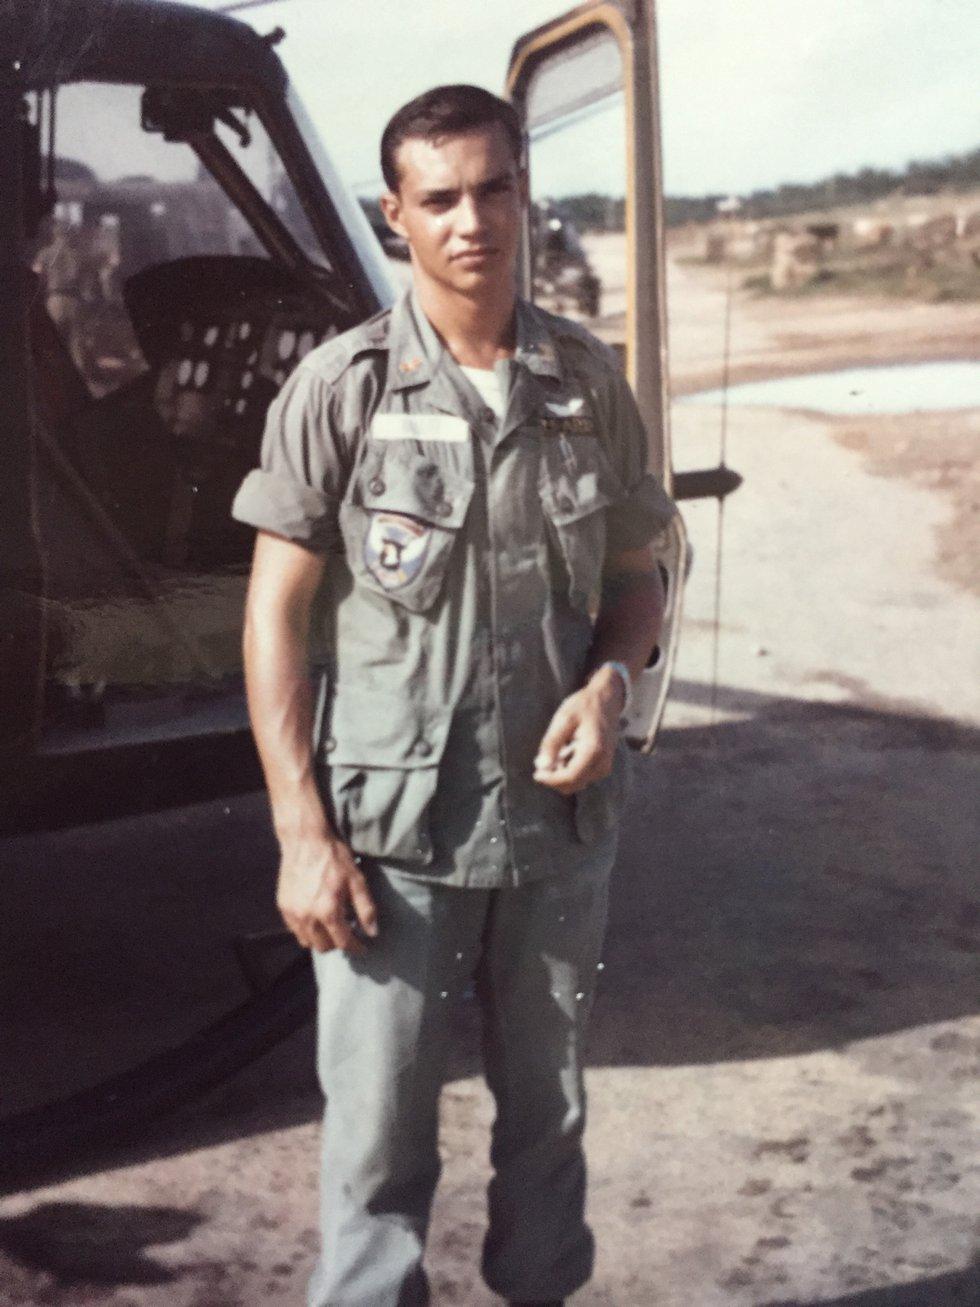 Col. Richard Balliet